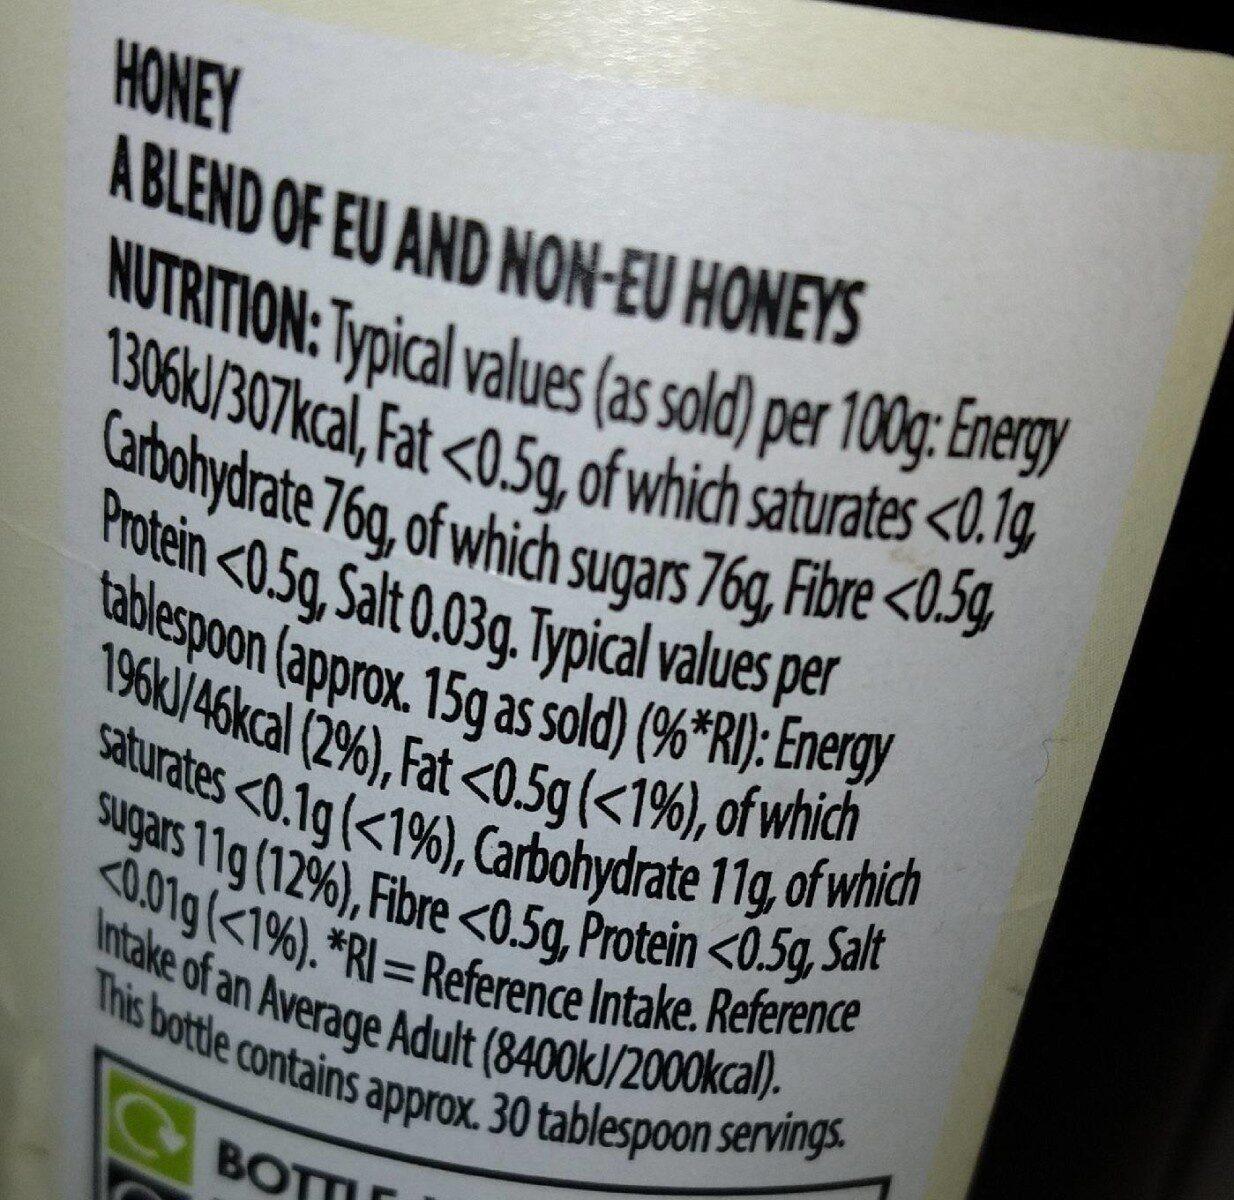 100% pure squeeze honey - Nutrition facts - en